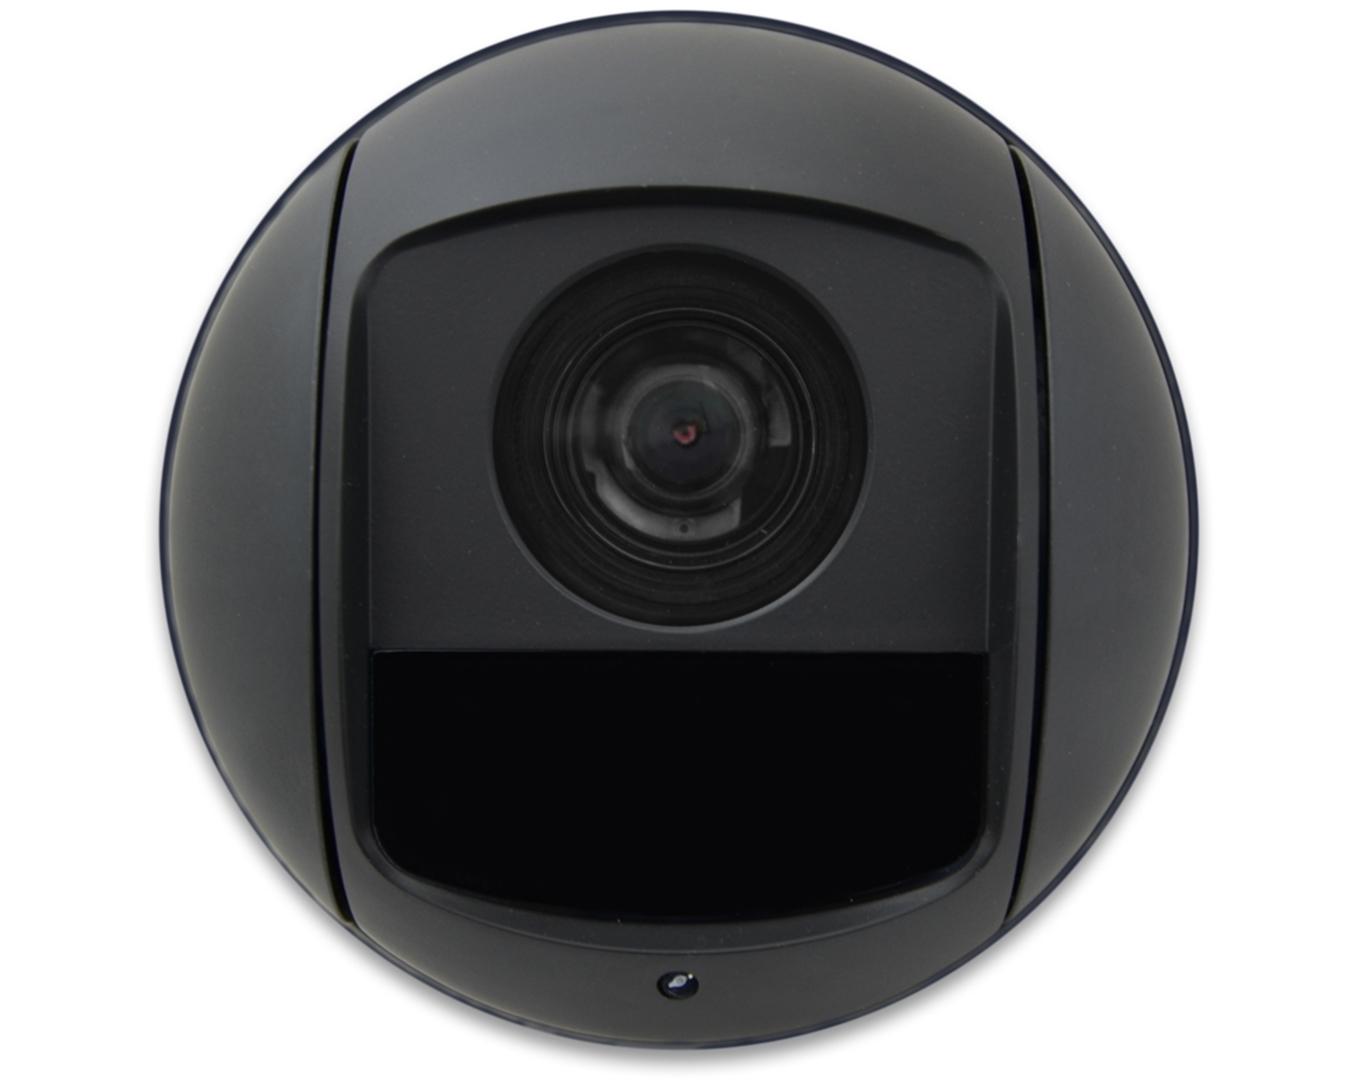 Nowoczesny oświetlacz IR w kamerze IP PTZ.